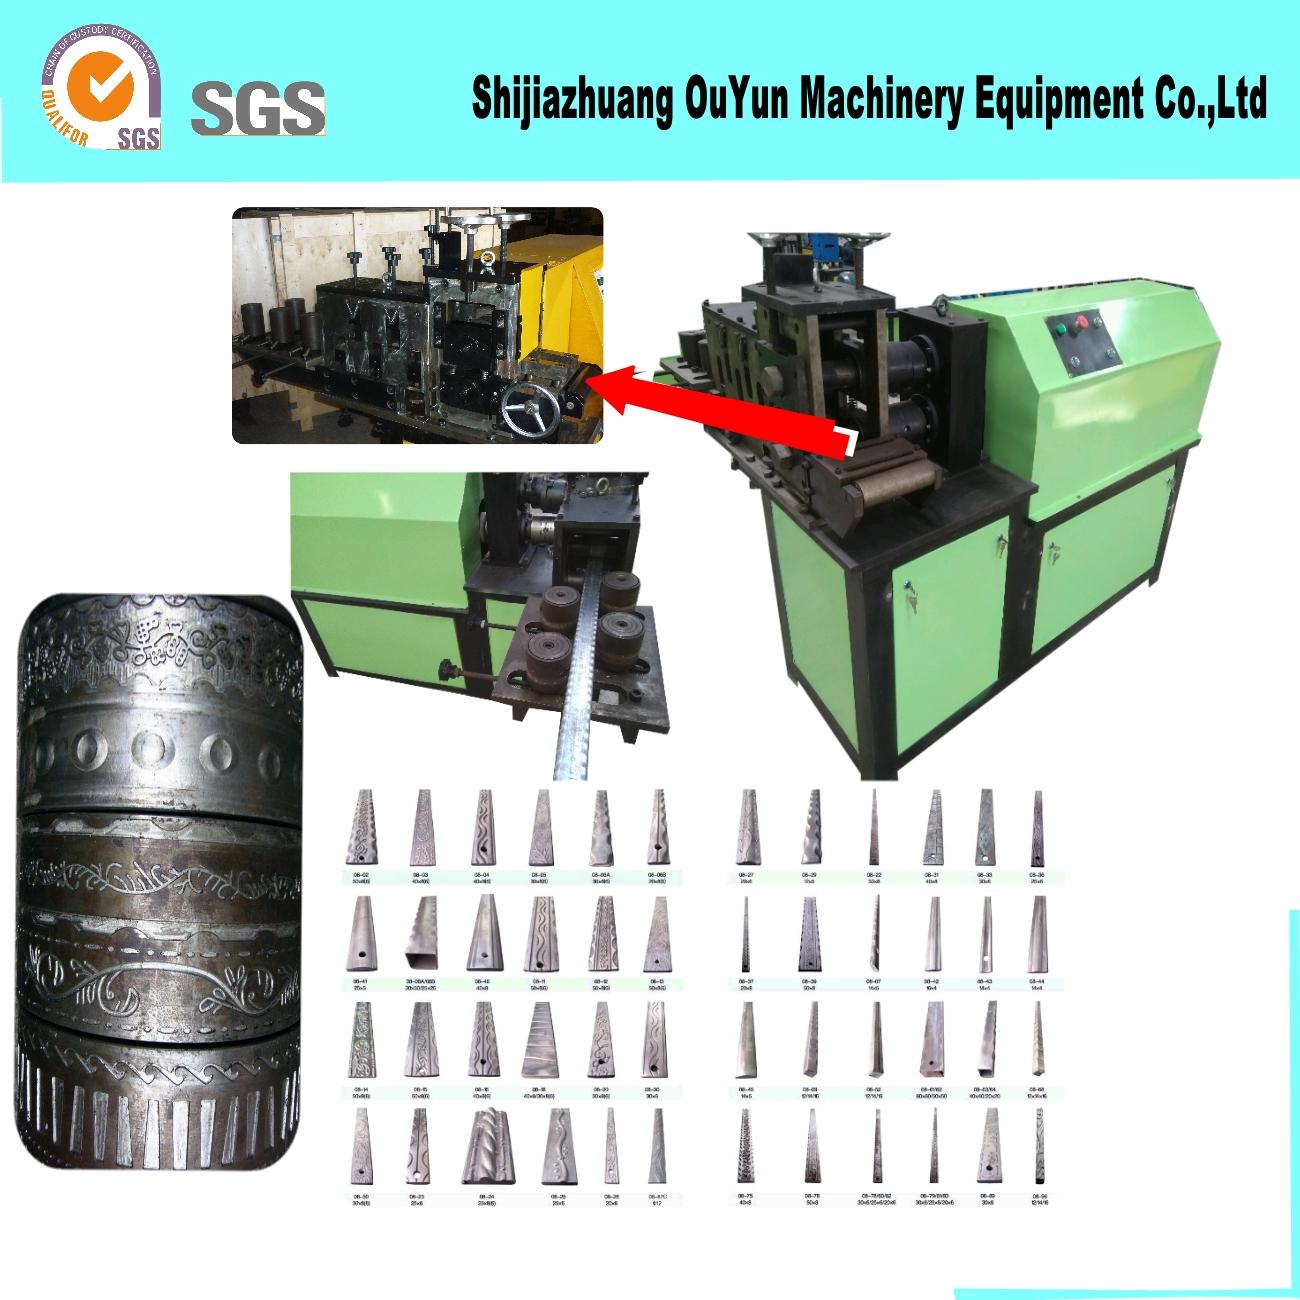 铁艺金属压花机 金属成型机